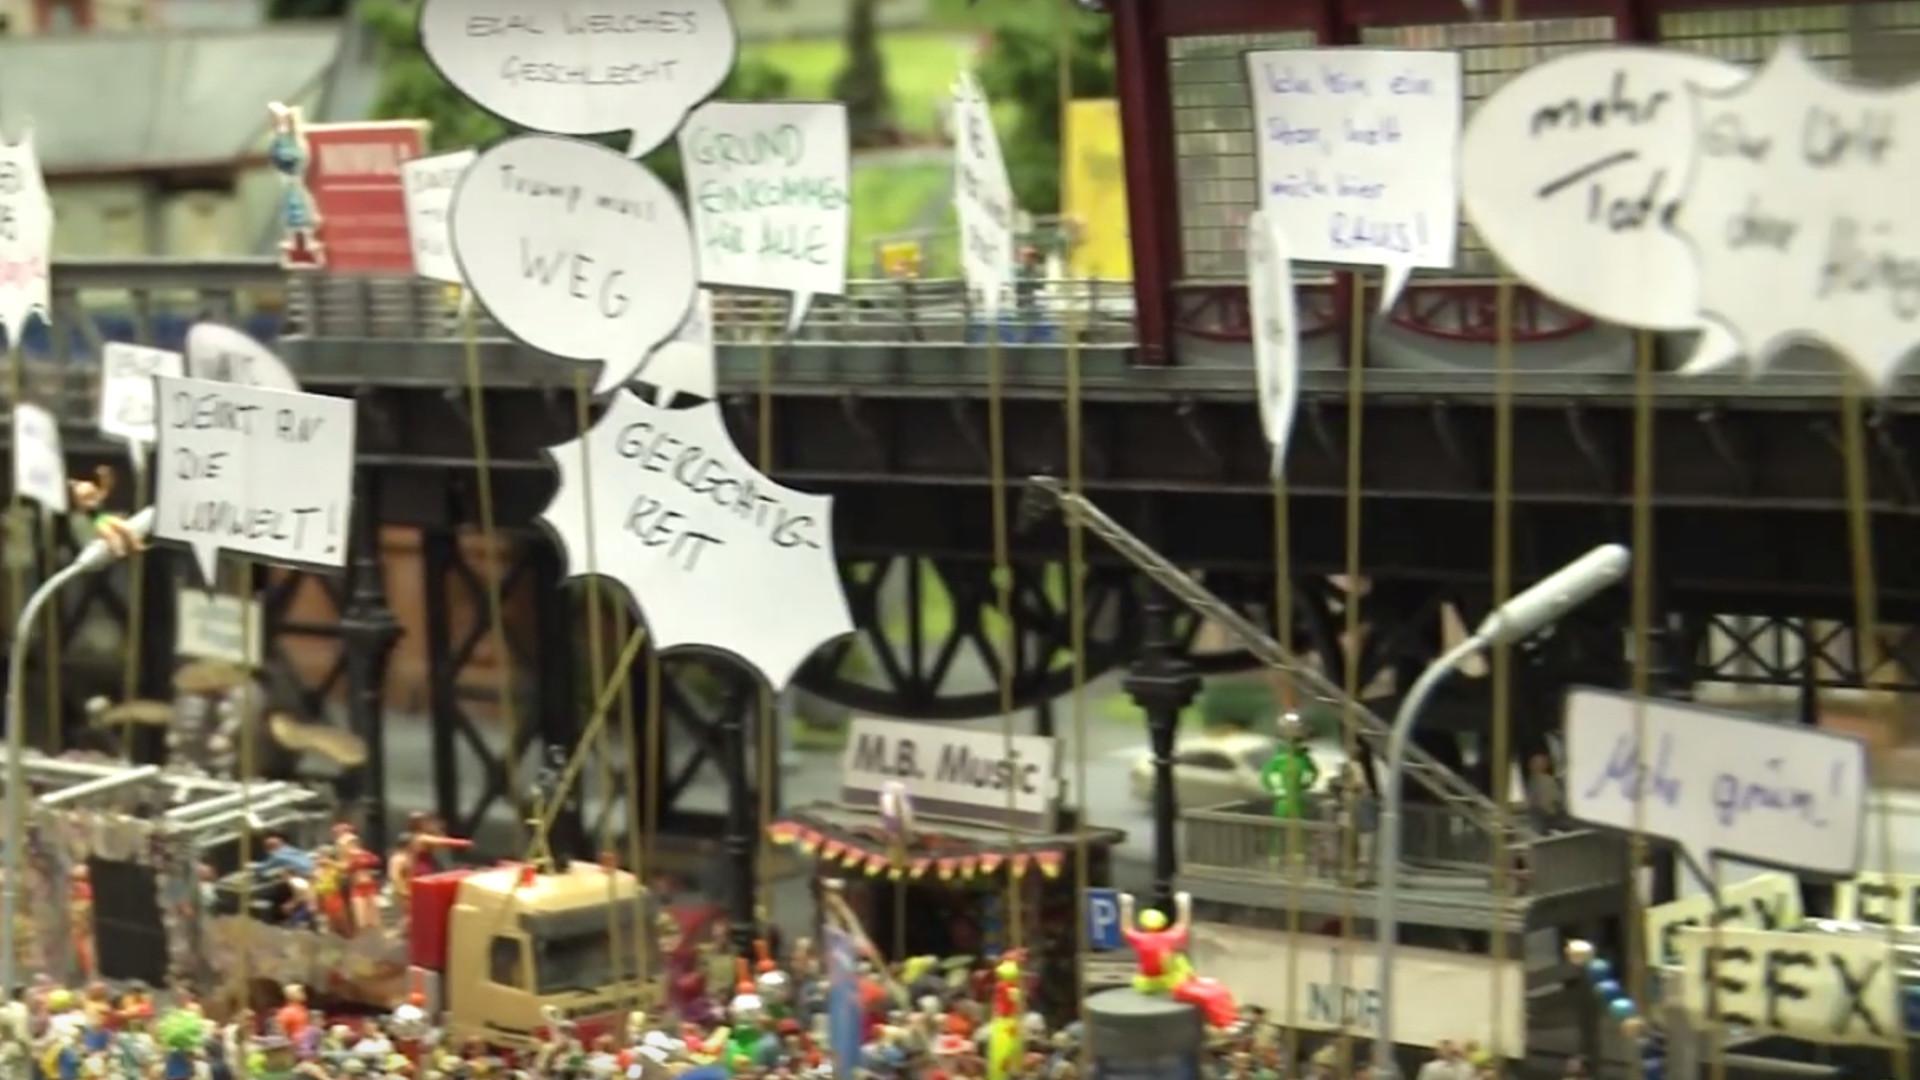 Miniatur Wunderland Hamburg: Das ist die kleinste G20-Demo der Welt